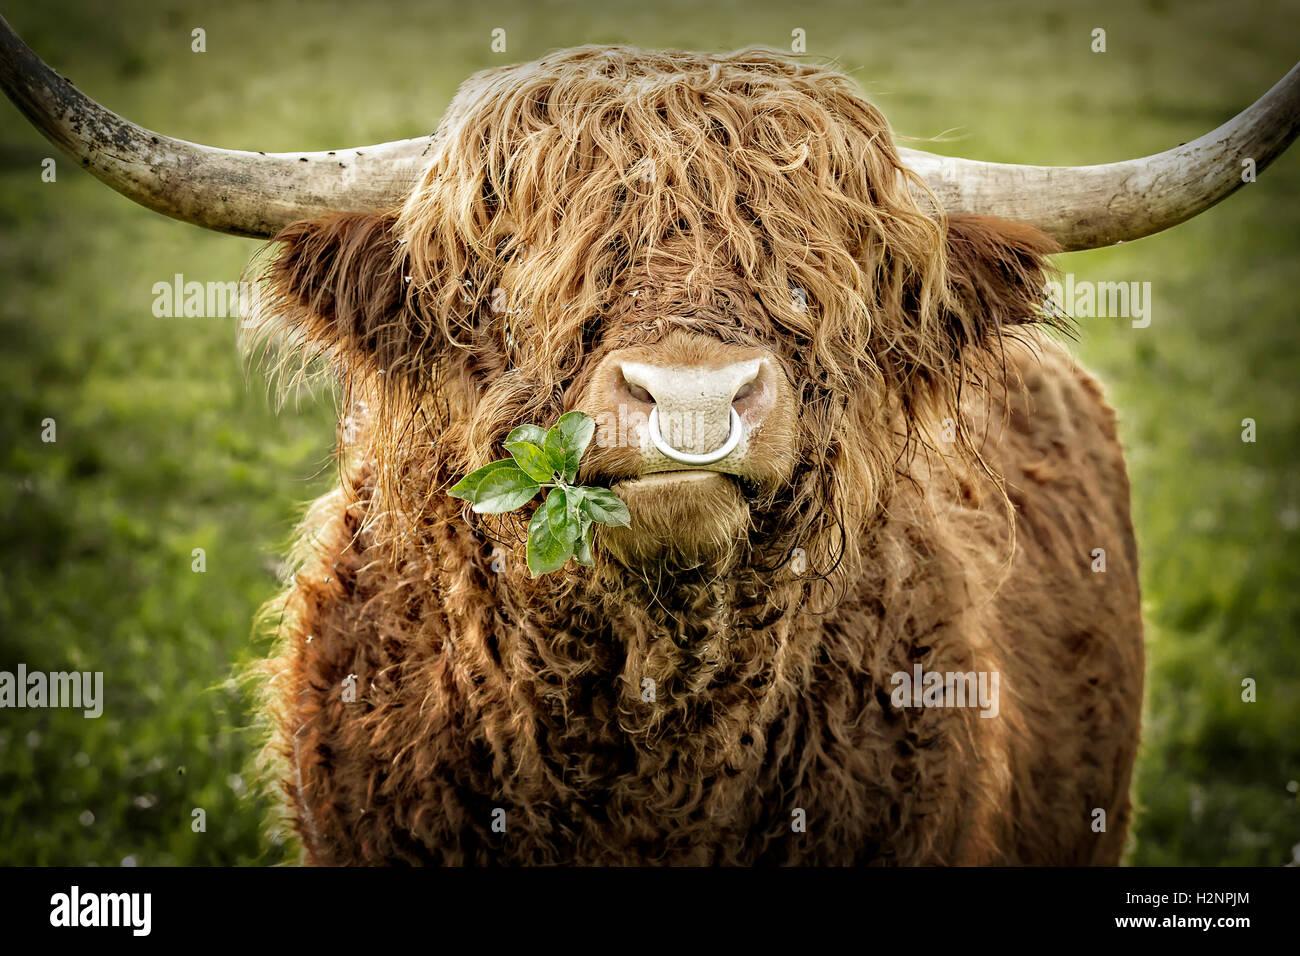 Primo piano di foglie da masticare bovini highland bull con ferro naso anello. Immagini Stock